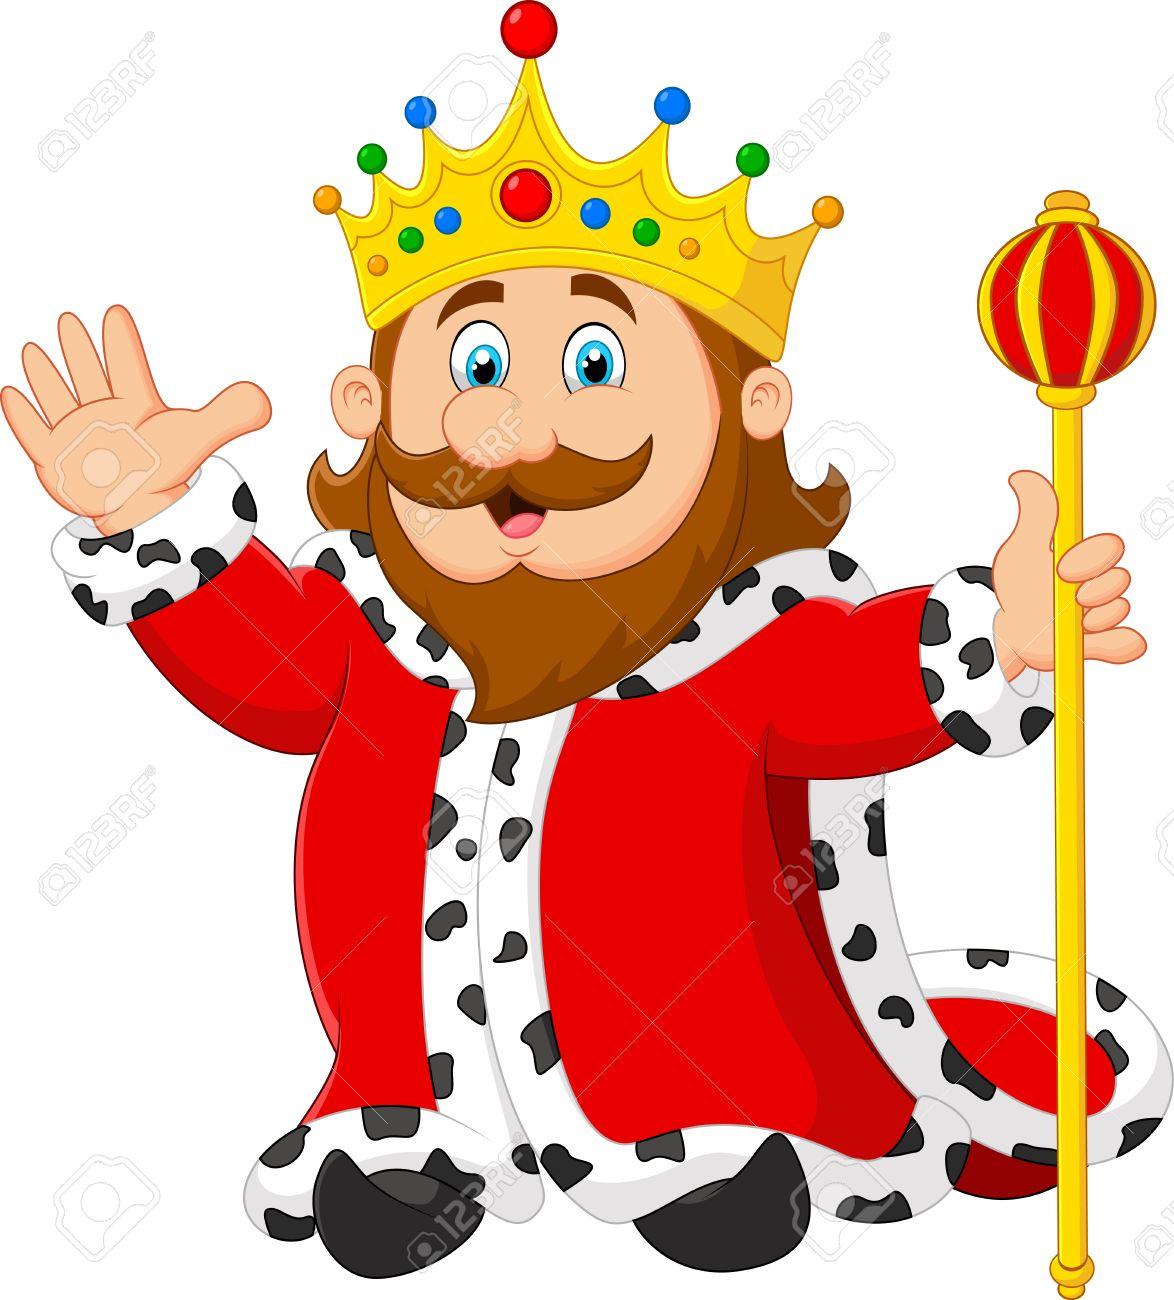 Cartoon king holding a golden scepter.